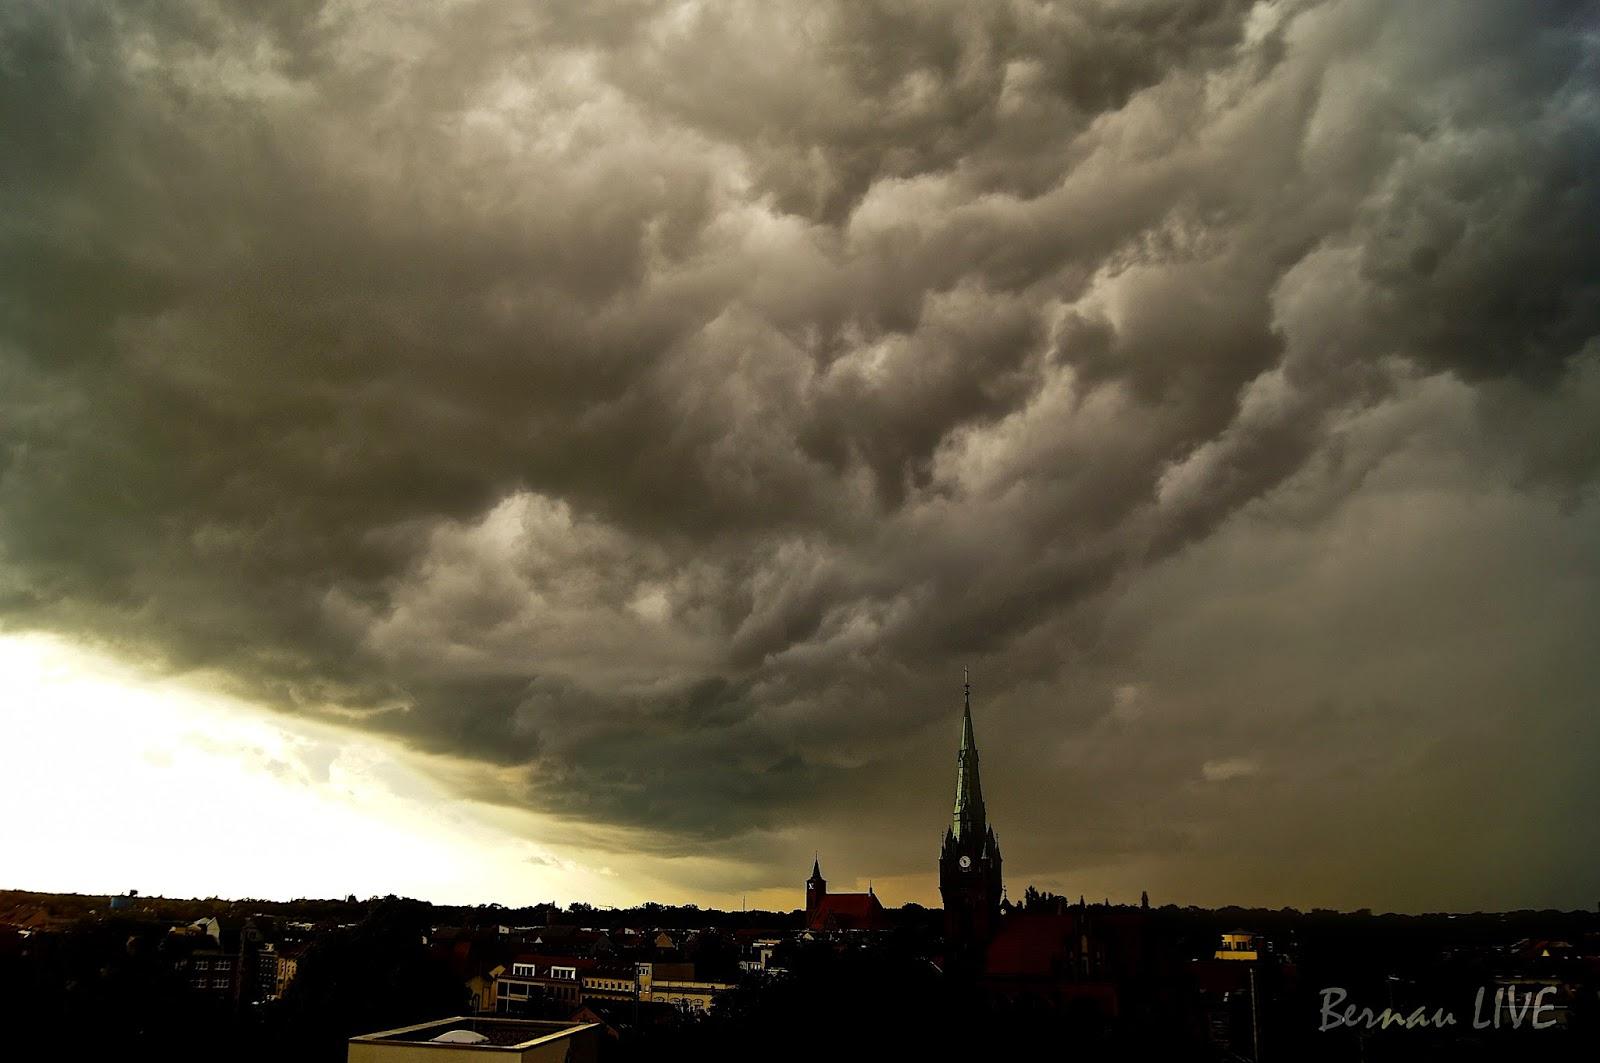 Barnim - Bernau: Offizielle Warnung vor Sturm und Gewitter